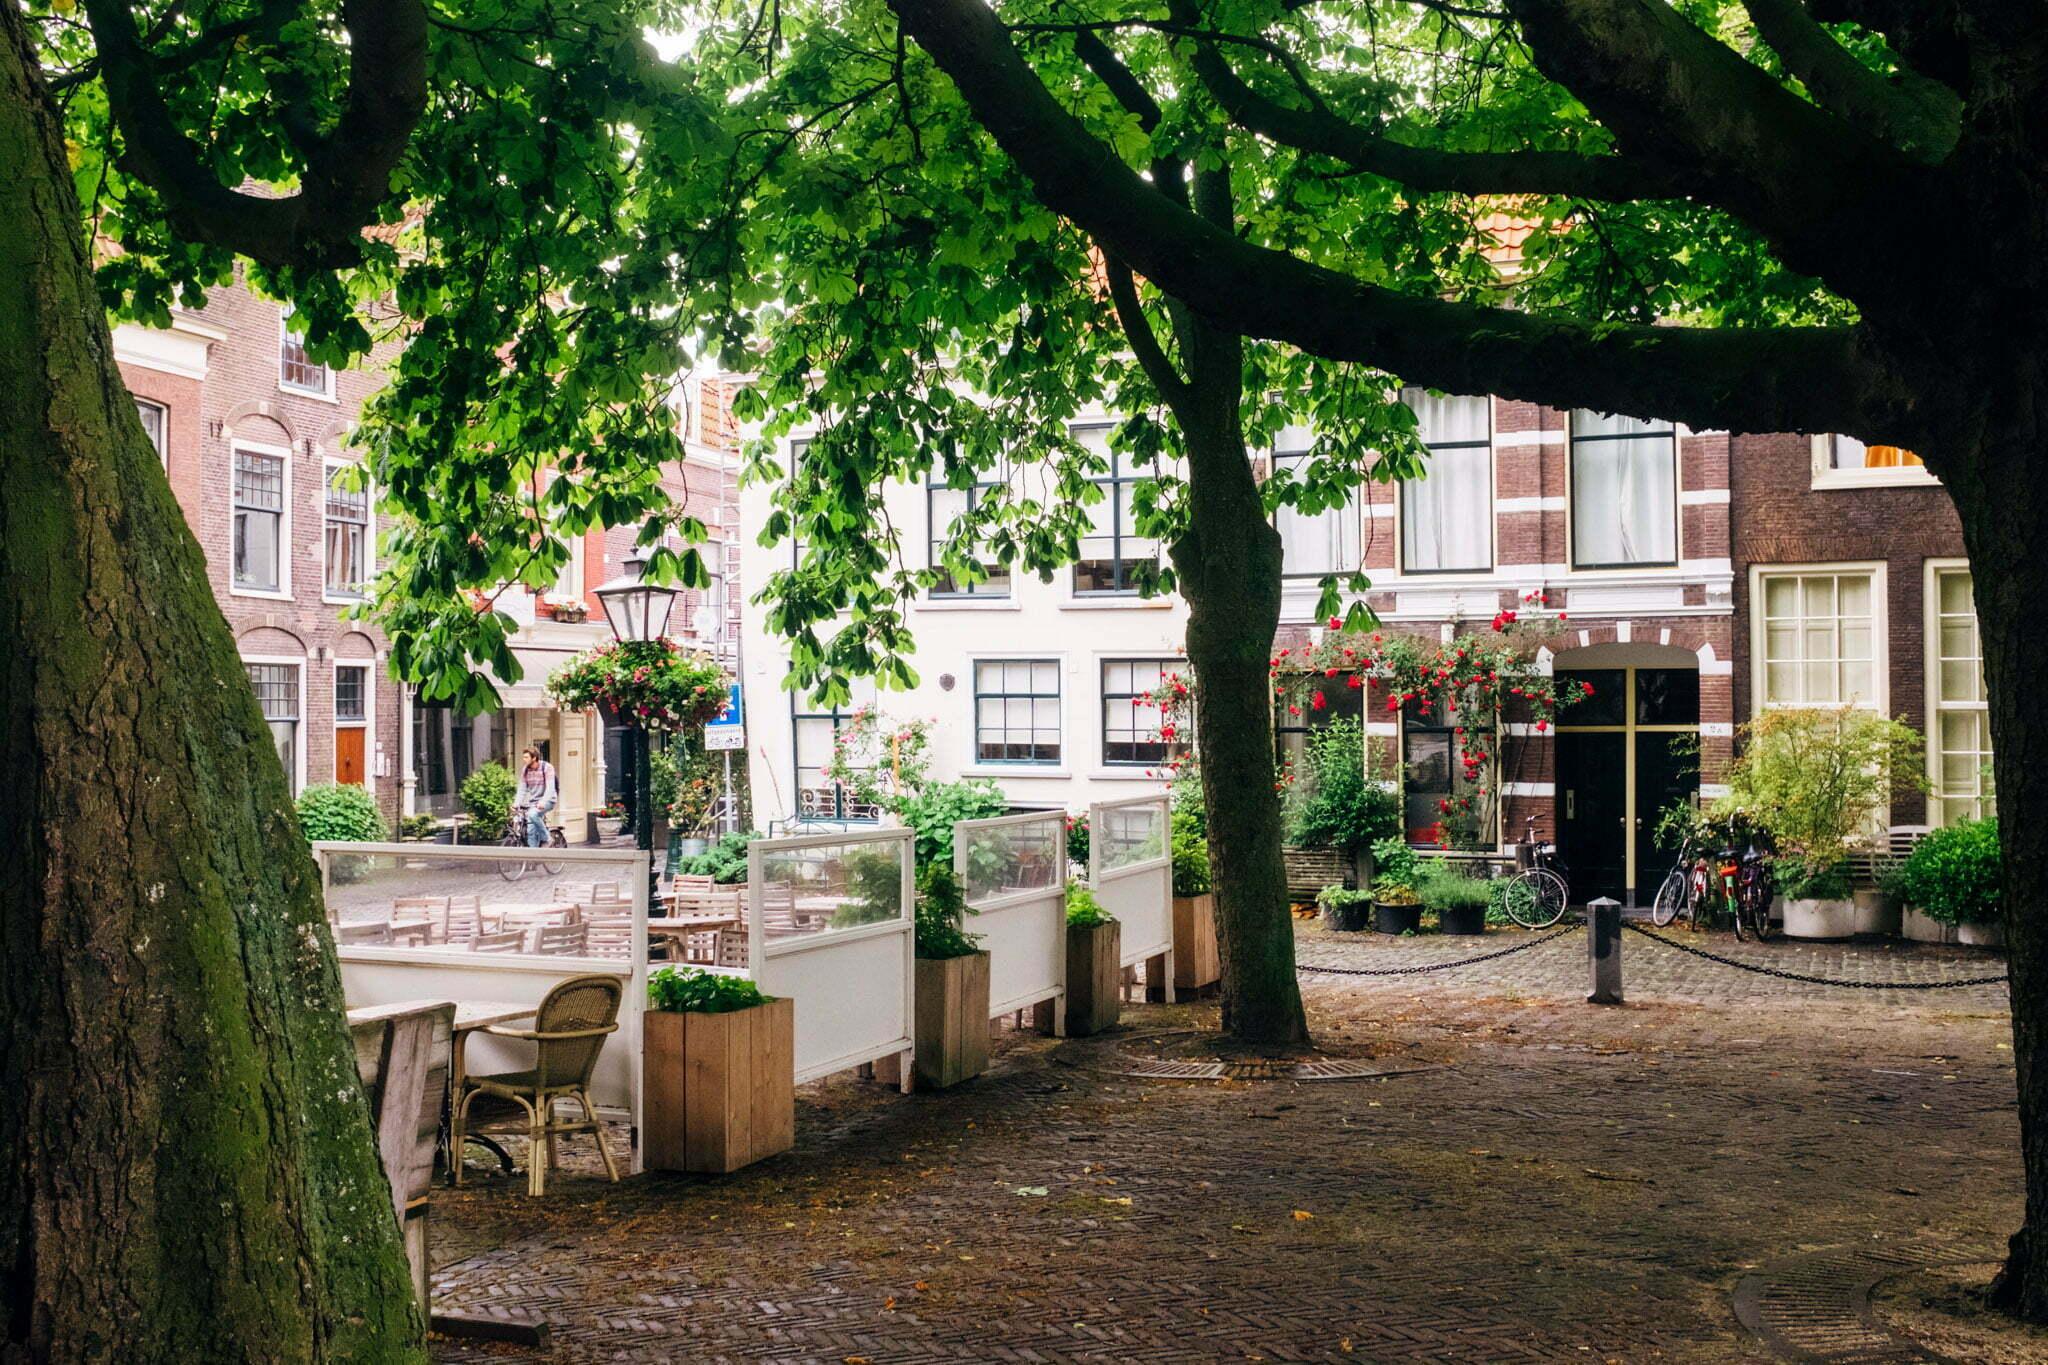 leiden-netherlands-2247-pete-carr